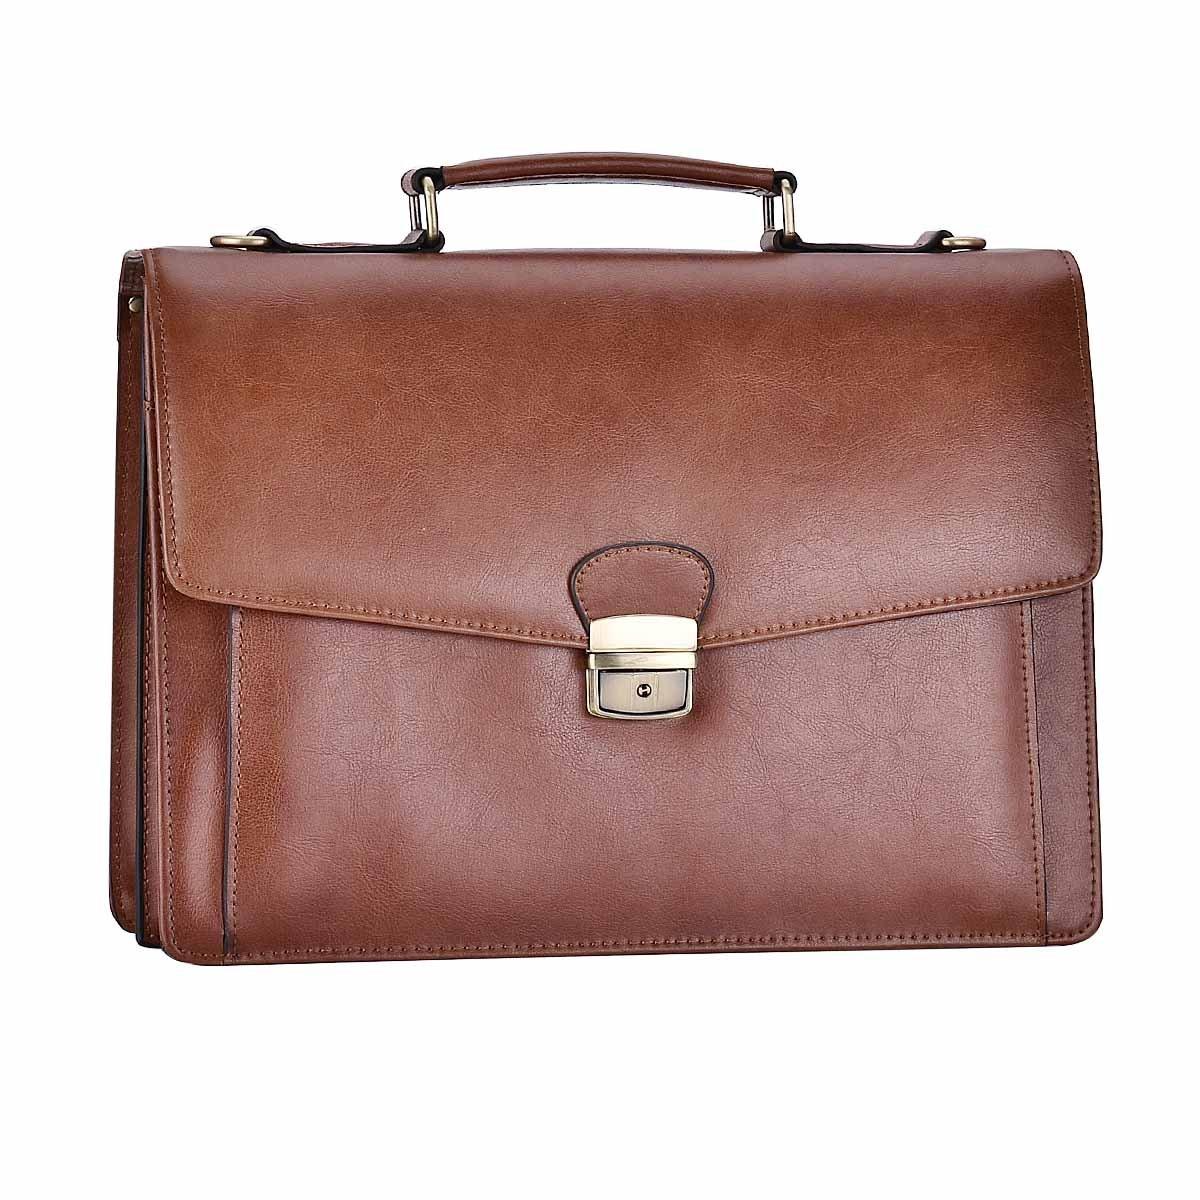 RUNWINDY Mens Leather Briefcase Cowhide Handbags with Lock (Brown)